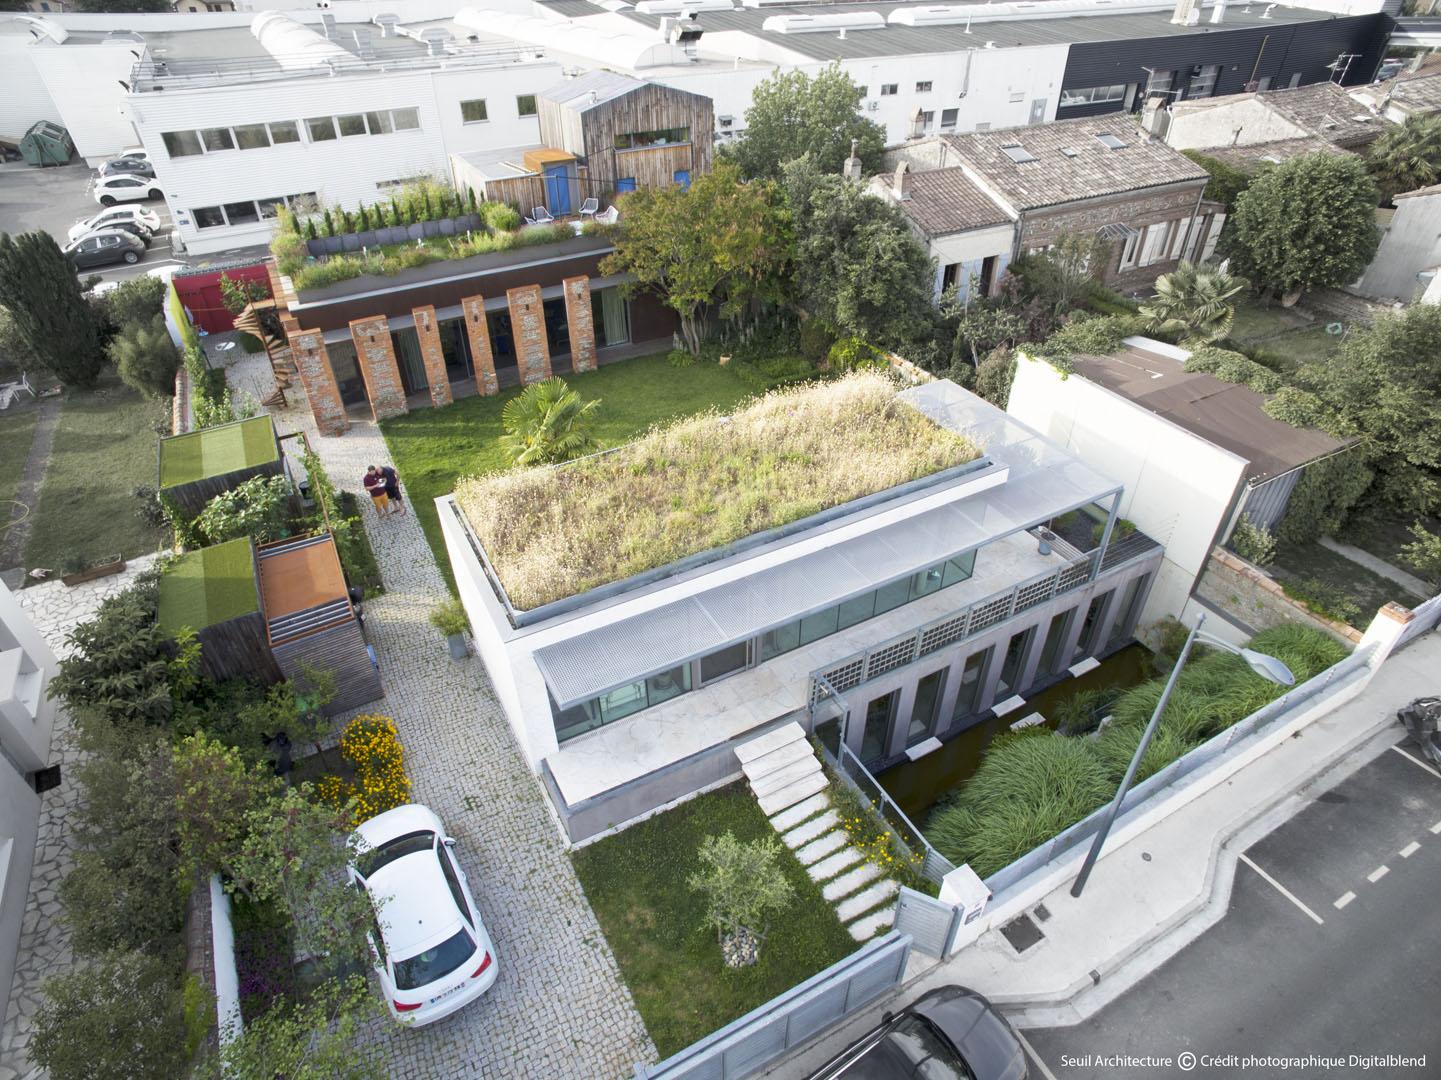 01-Seuil-architecture-Vue-aérienne-Crédit-Ph.-Digitalblend